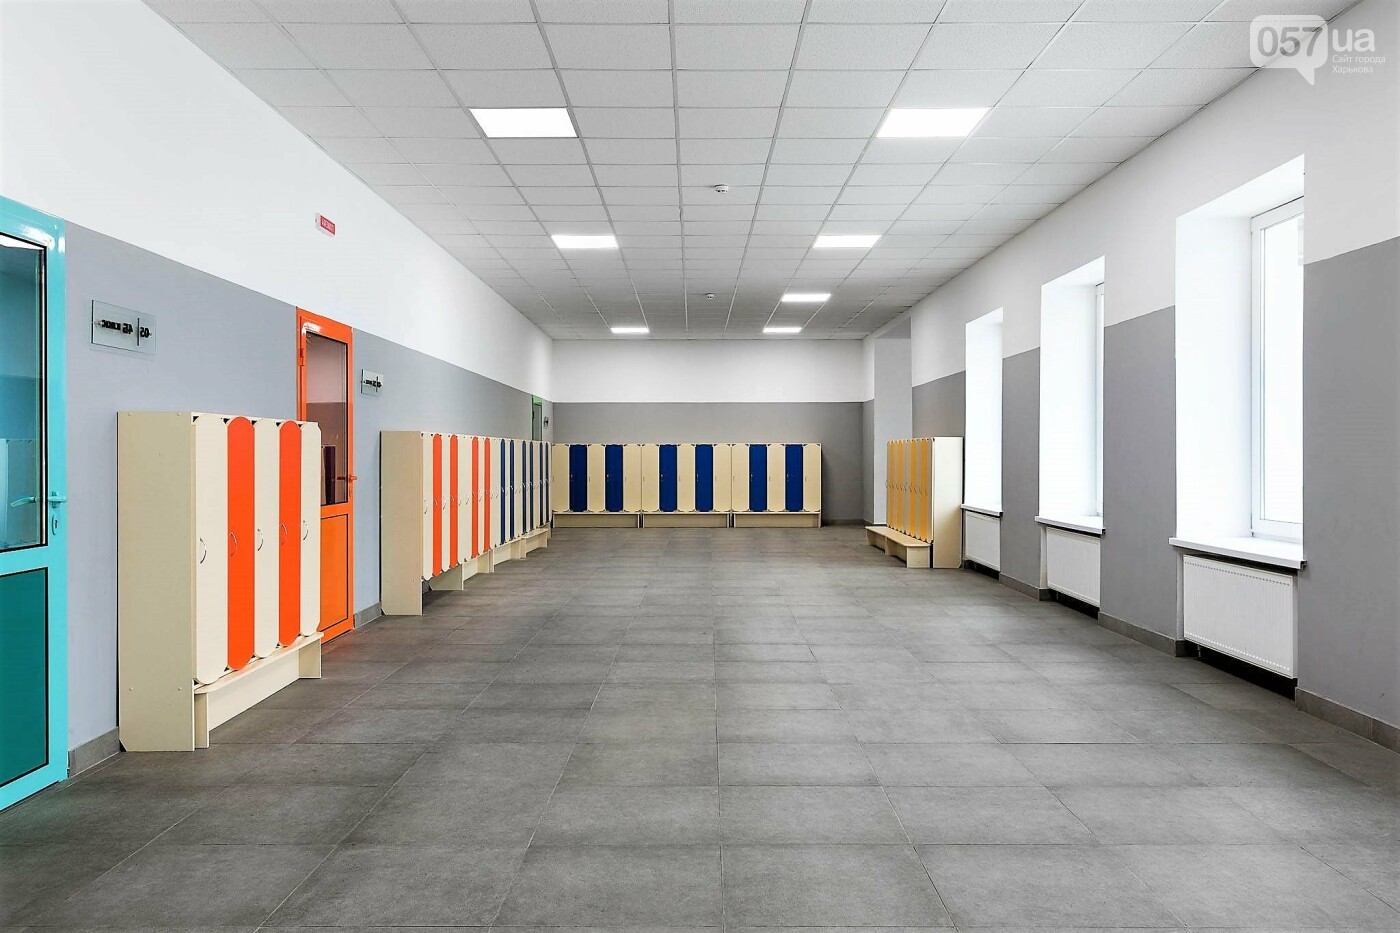 Подвесной потолок – идеальное решения для ремонта потолка, фото-6